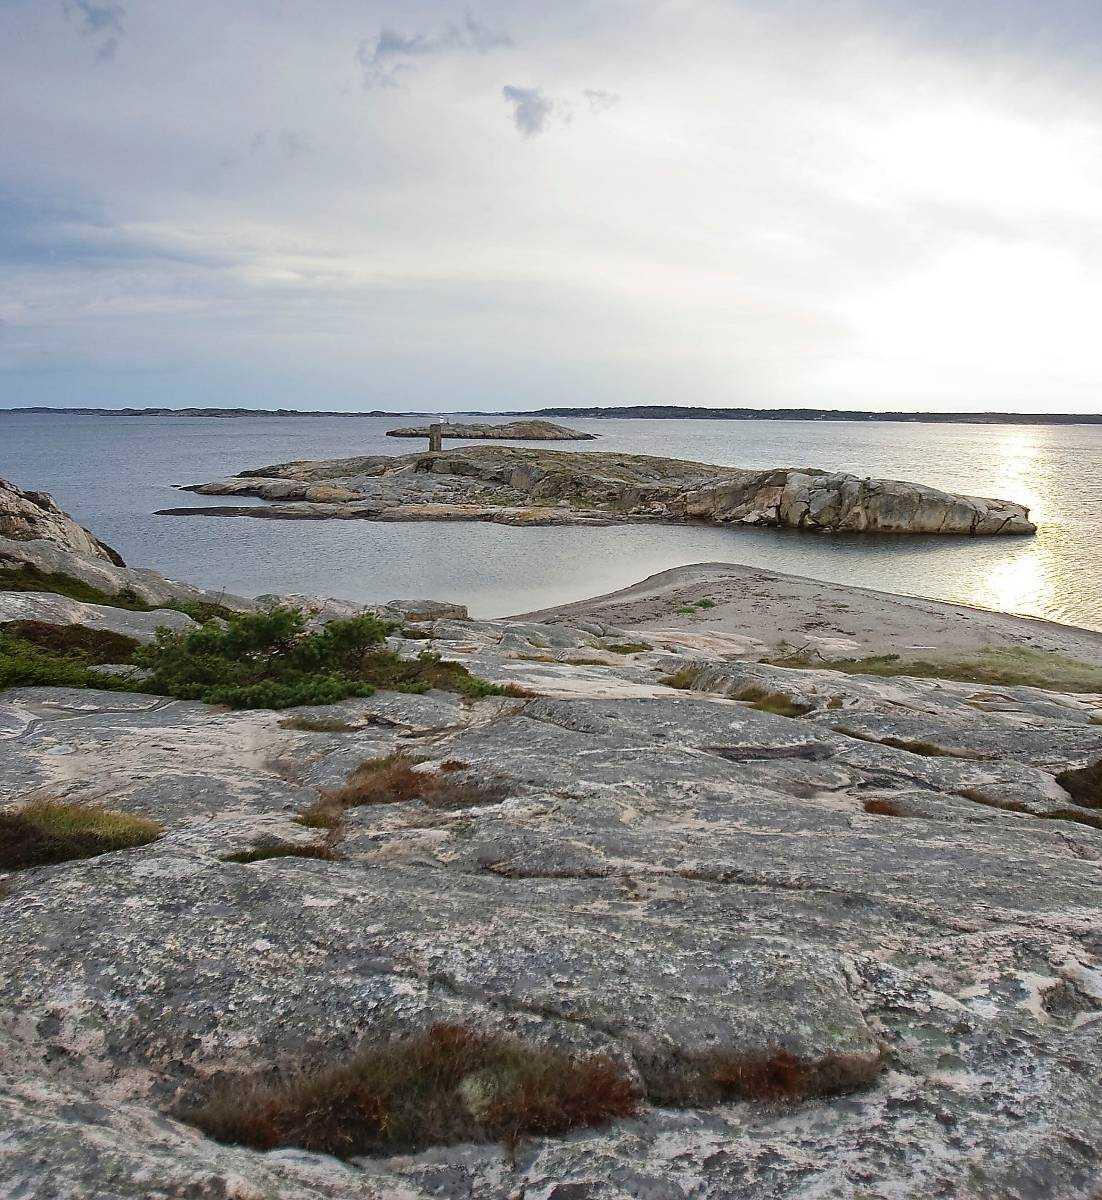 """Mitt i idyllen utanför Strömstad hittades styckade kroppsdelar på havsbotten av dykare. """"Man tror inte det är sant"""", säger en man som bor på en av öarna i närheten."""